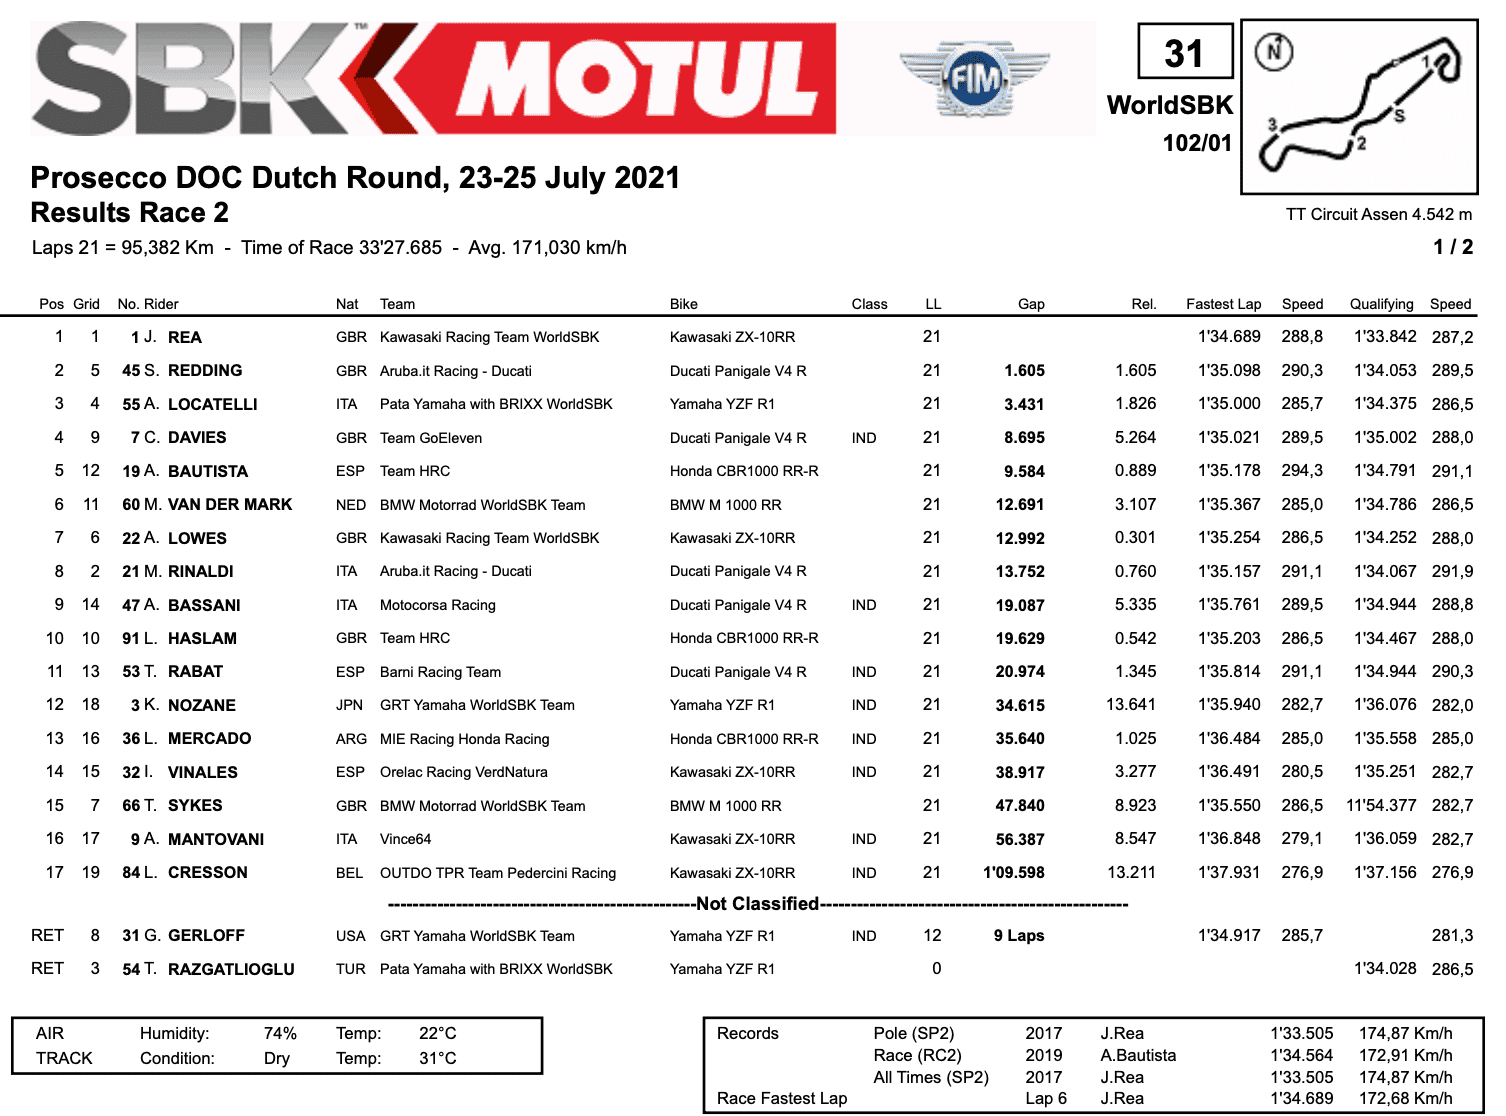 FIM スーパーバイク世界選手権(SBK)オランダ戦 レース2もジョナサン・レイが制する